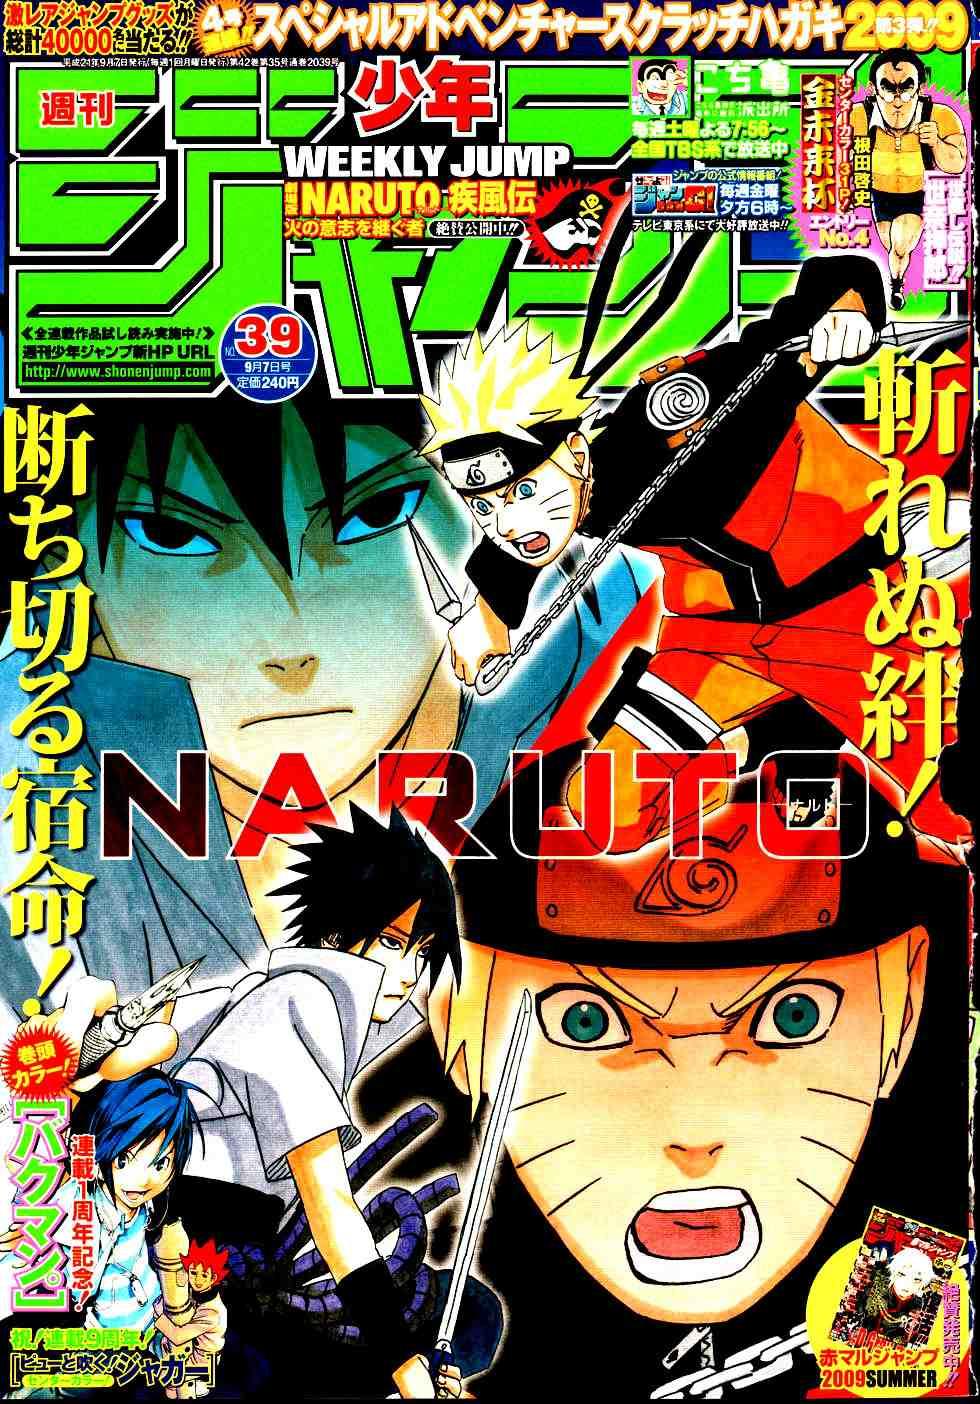 00a Naruto 460   Sasuke Terkepung